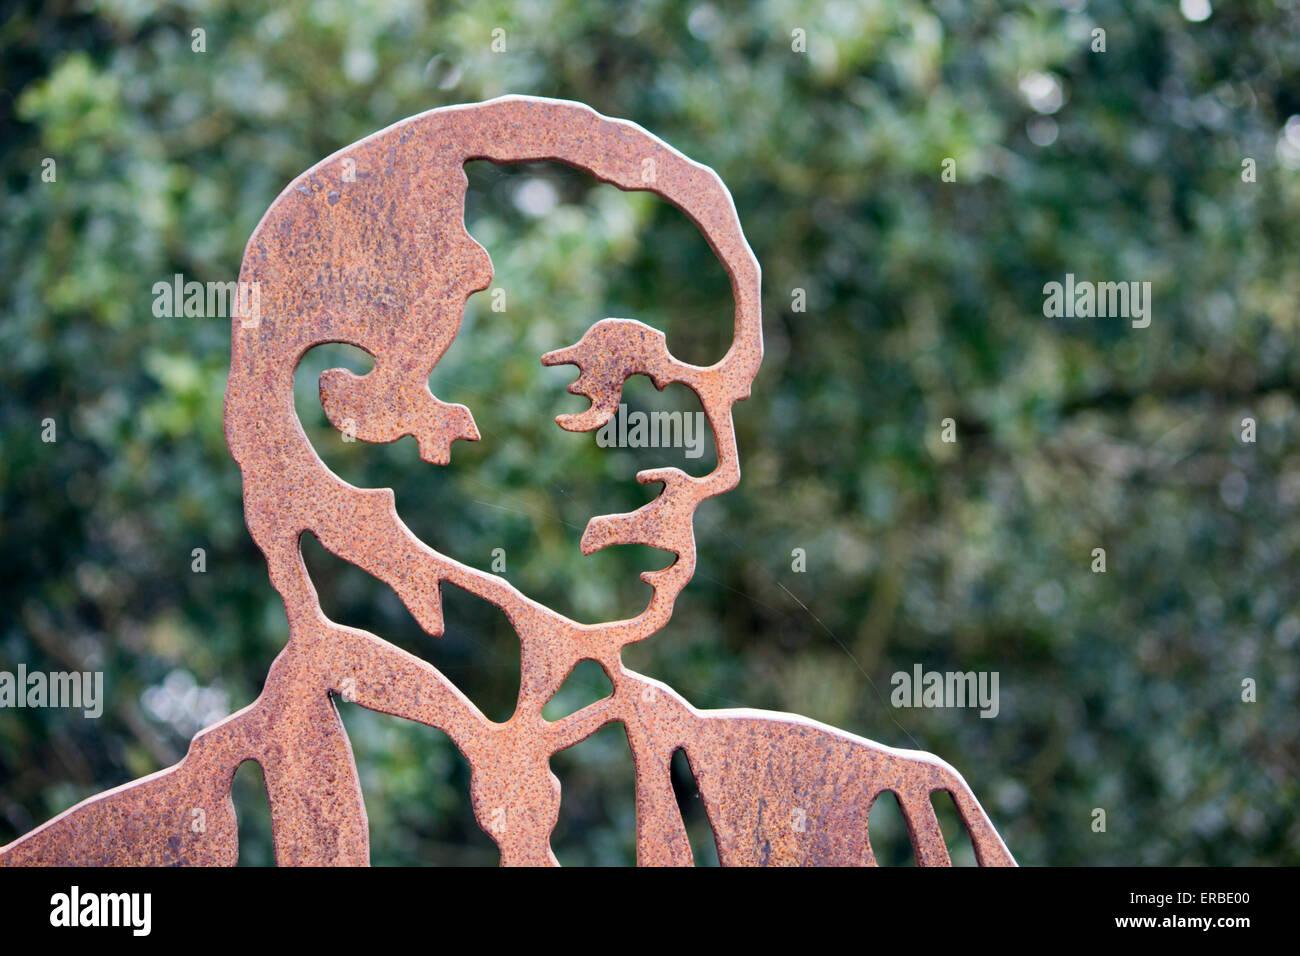 Kopfschuss Einer Portrat Bank Aus Gusseisen Figur Skulptur Von J M